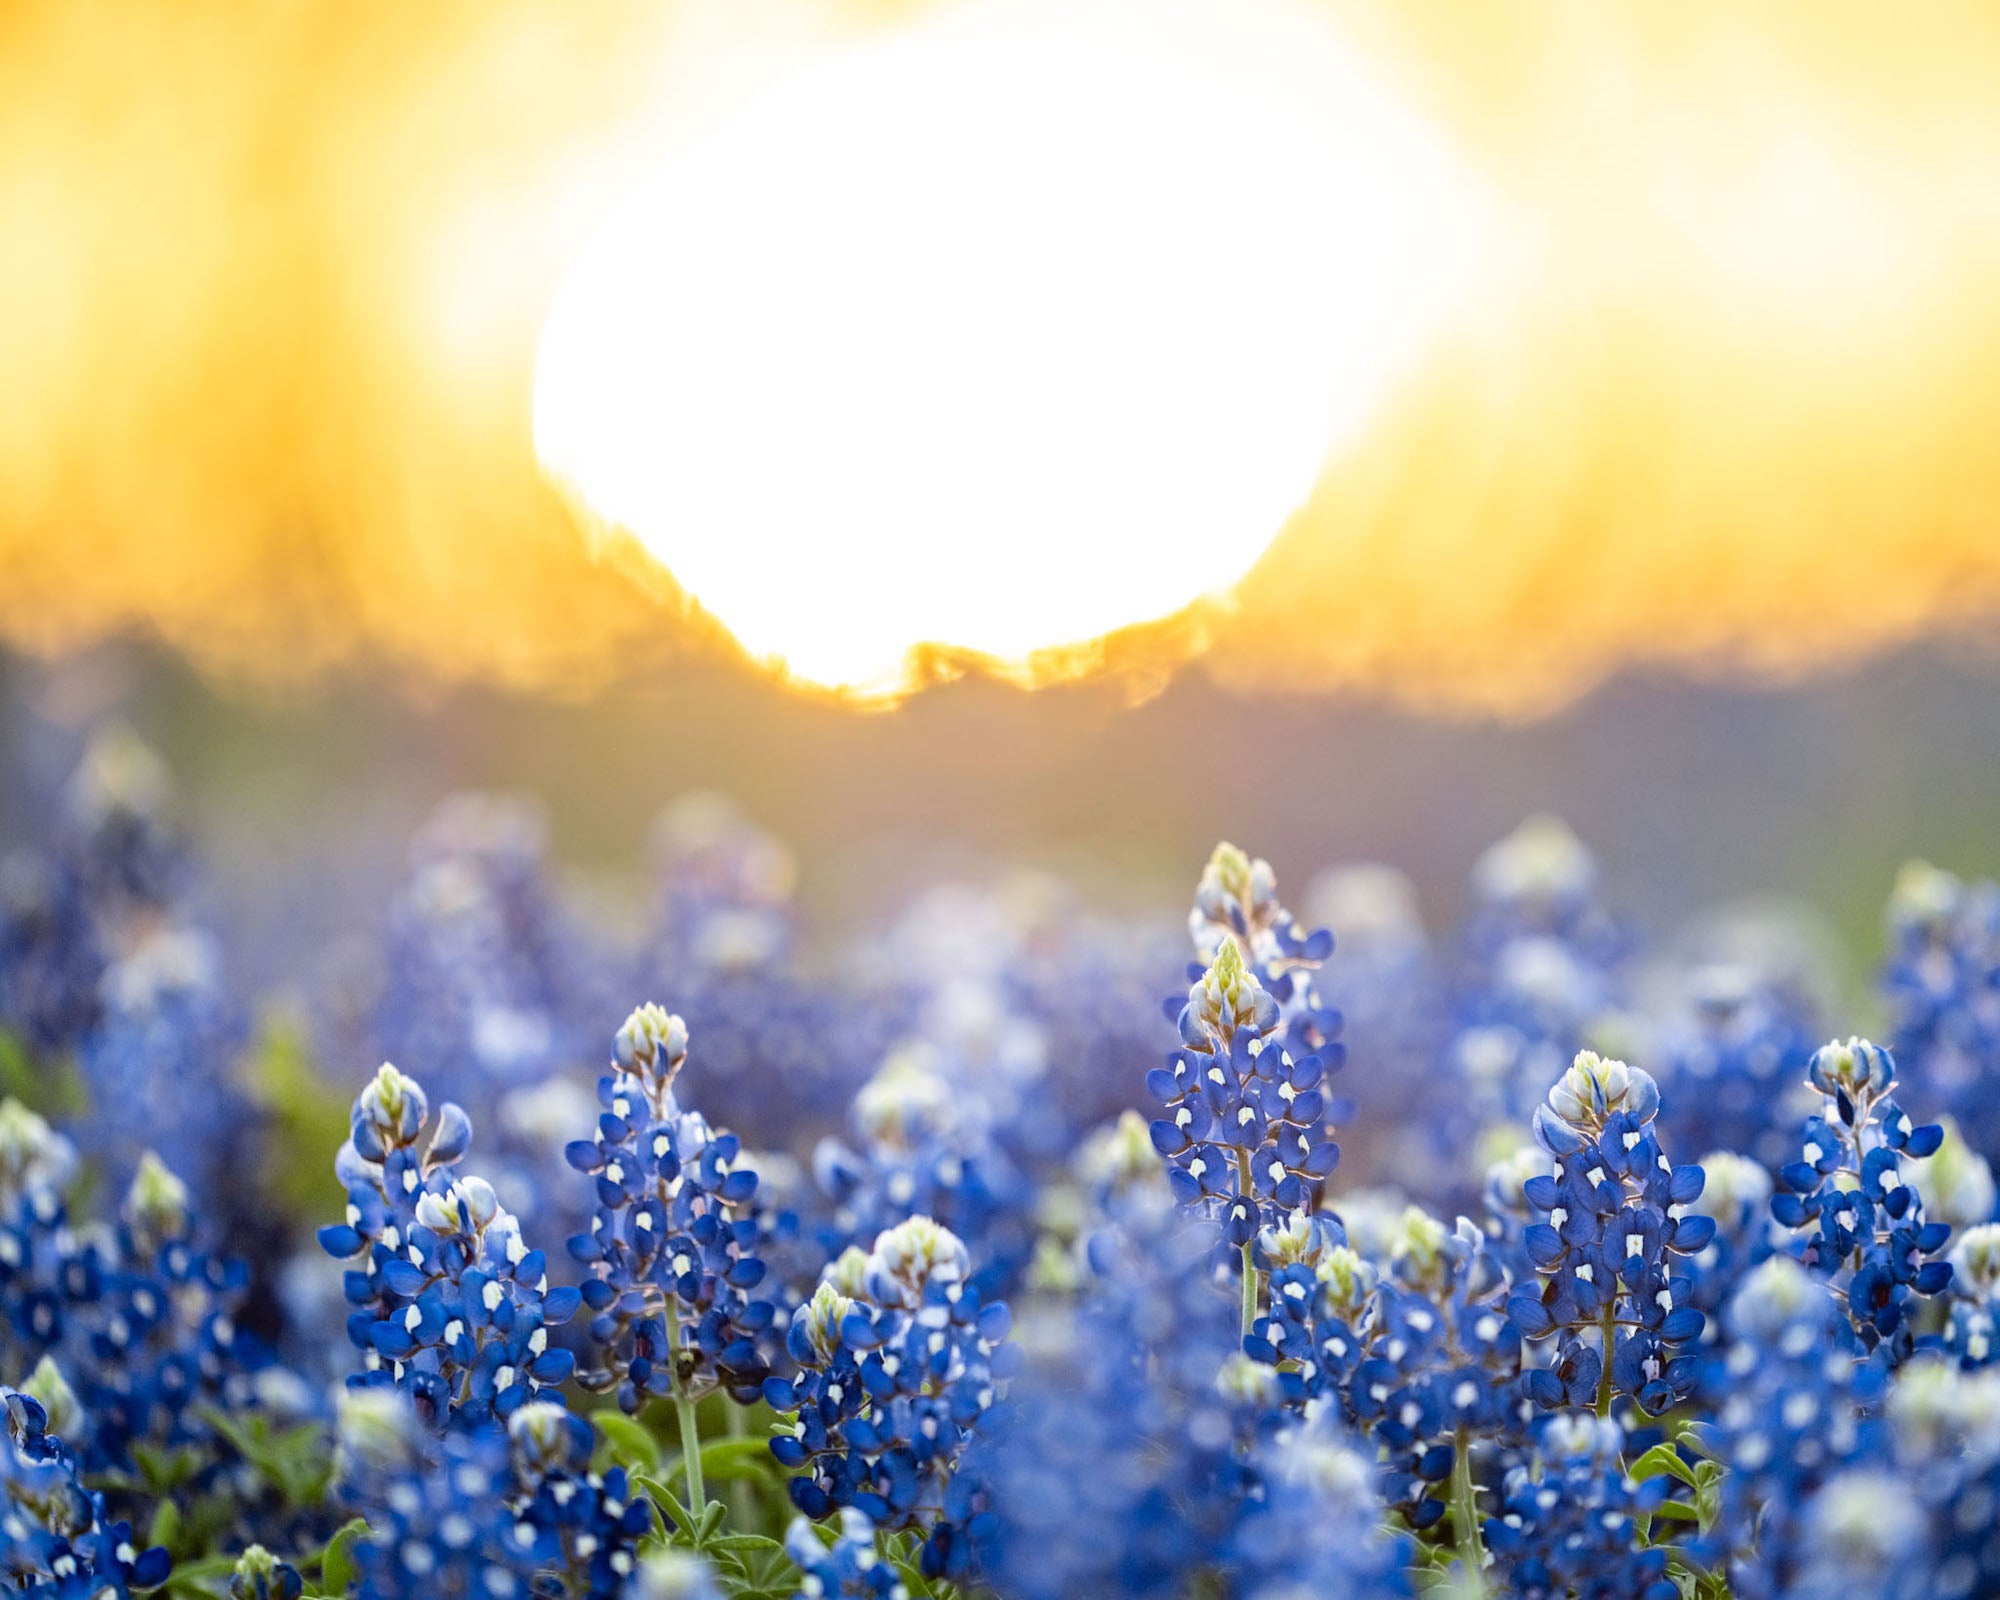 Alpha-Universe-WIMB-Andy-Luten-bluebonnet-sunrise-2.jpg